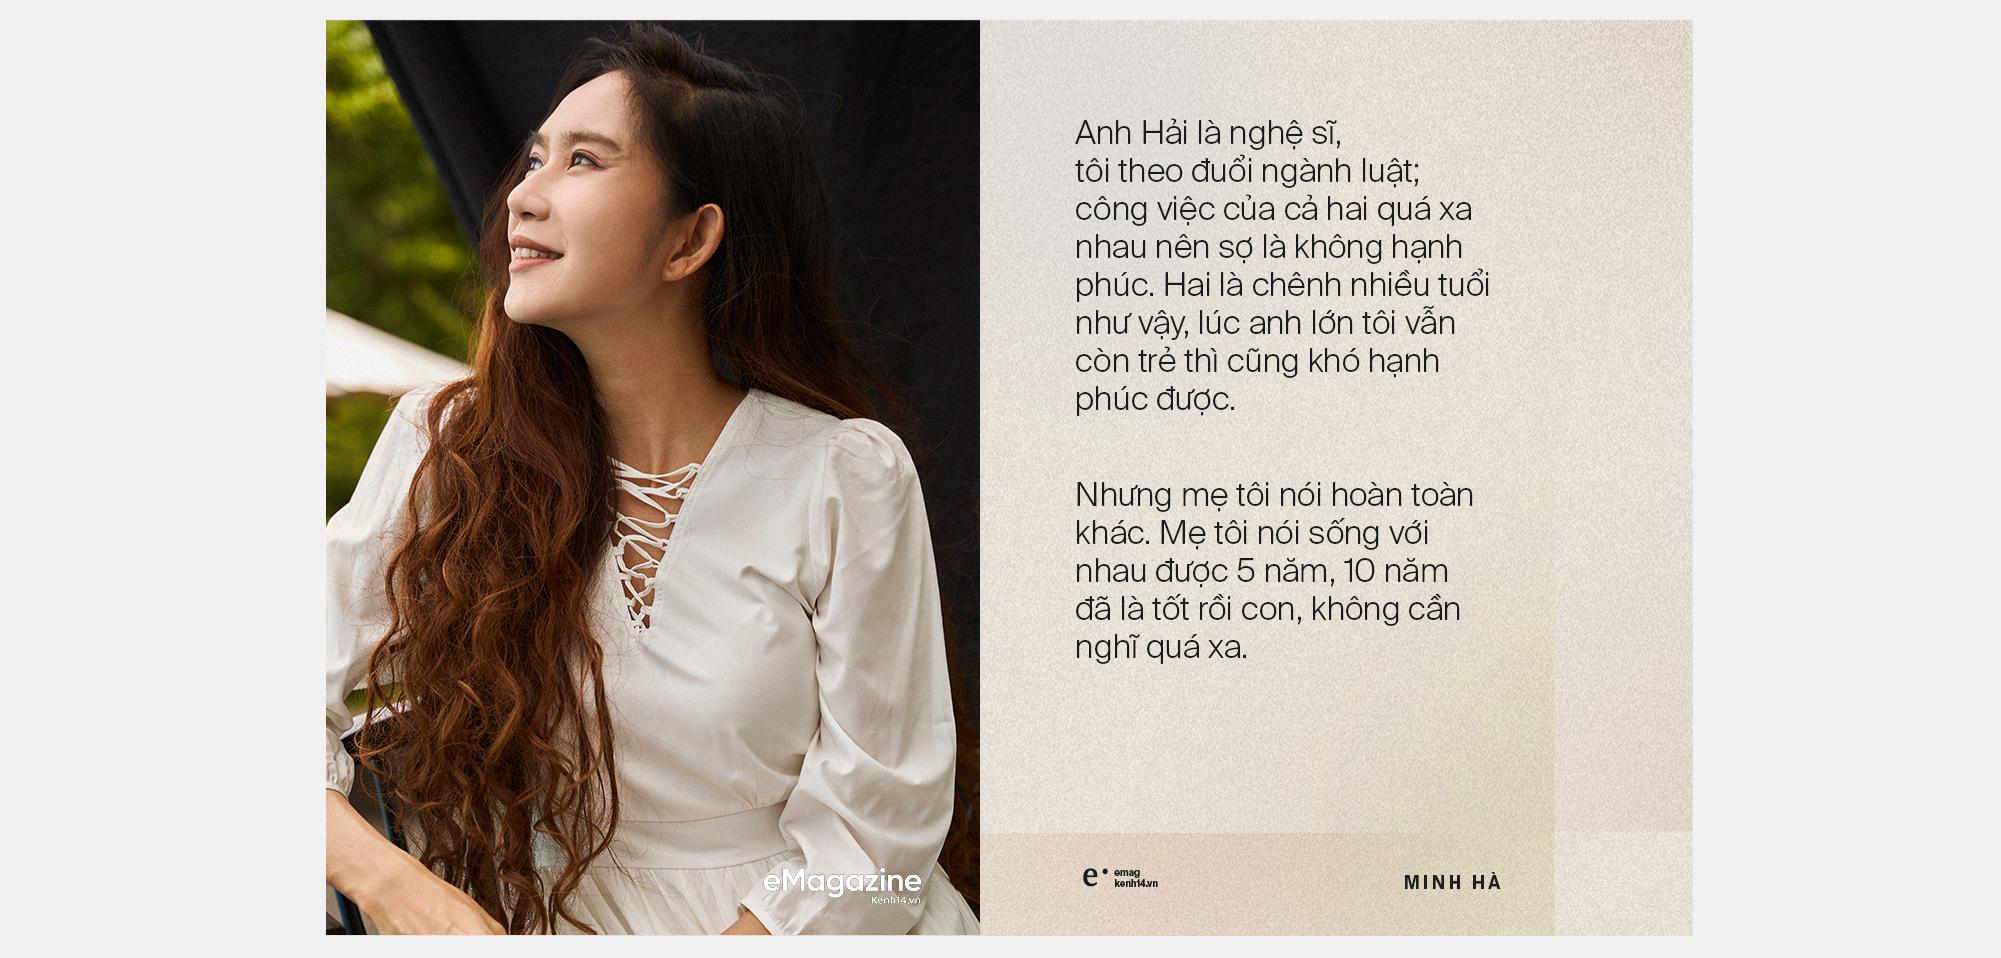 Lý Hải - Minh Hà: Mơ một giấc mơ chung dù chưa từng nói một câu Anh yêu em - Ảnh 27.